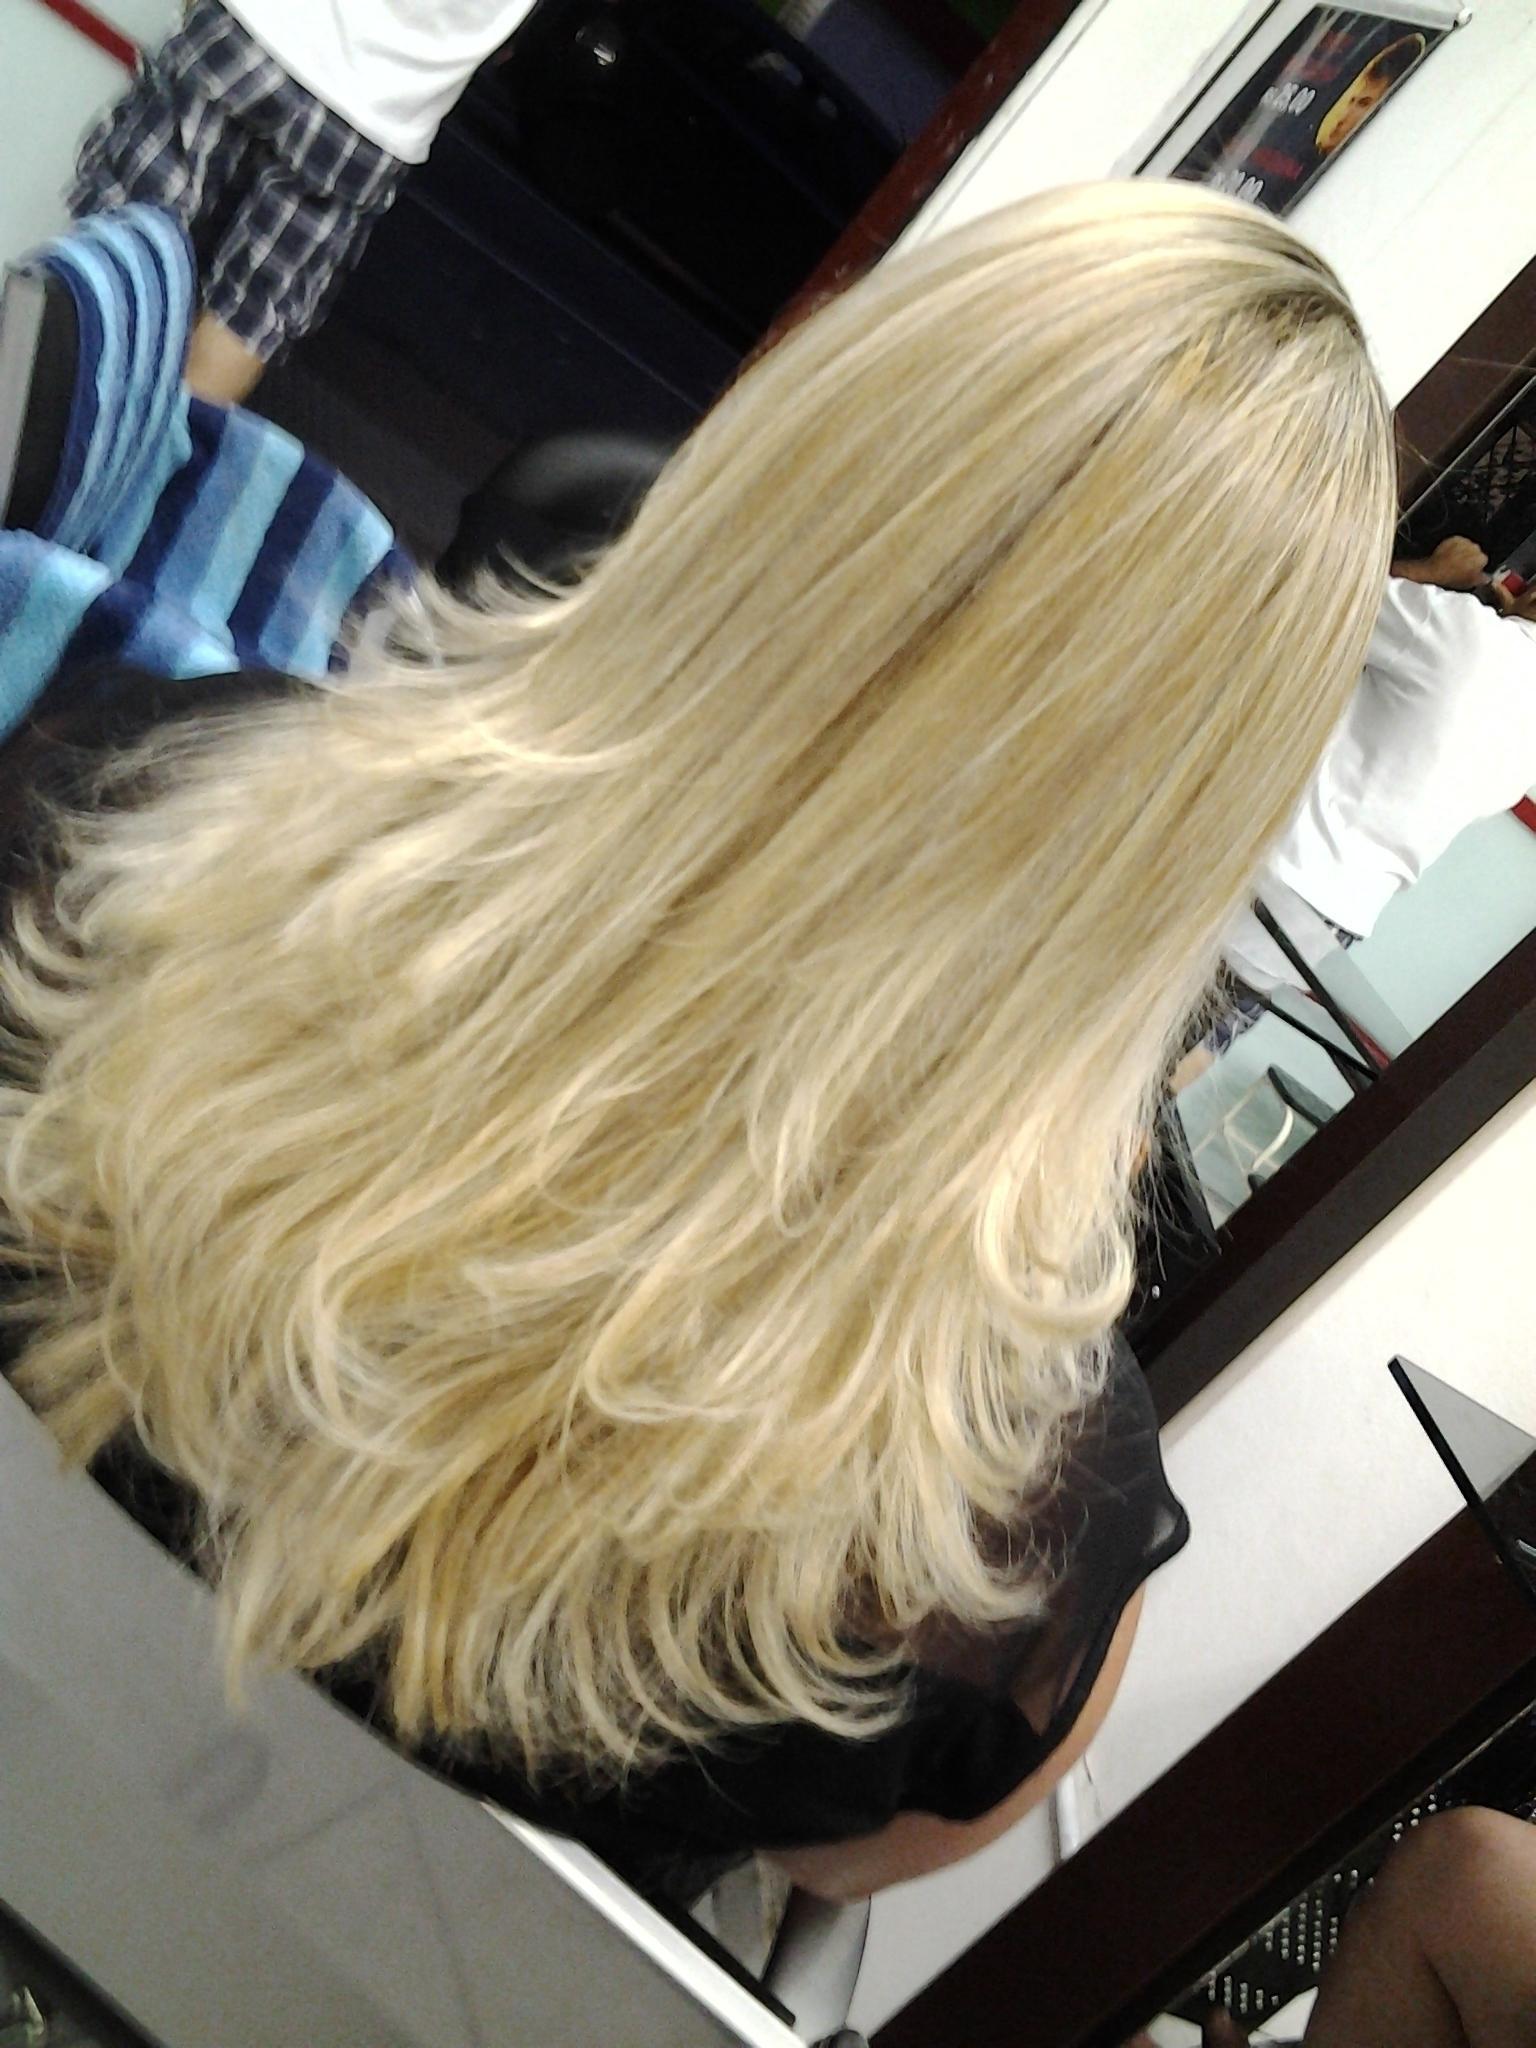 Loiro.  cabelo  cabeleireiro(a) massoterapeuta barbeiro(a) aromaterapeuta depilador(a) designer de sobrancelhas esteticista massagista stylist terapeuta visagista docente / professor(a) supervisor(a)